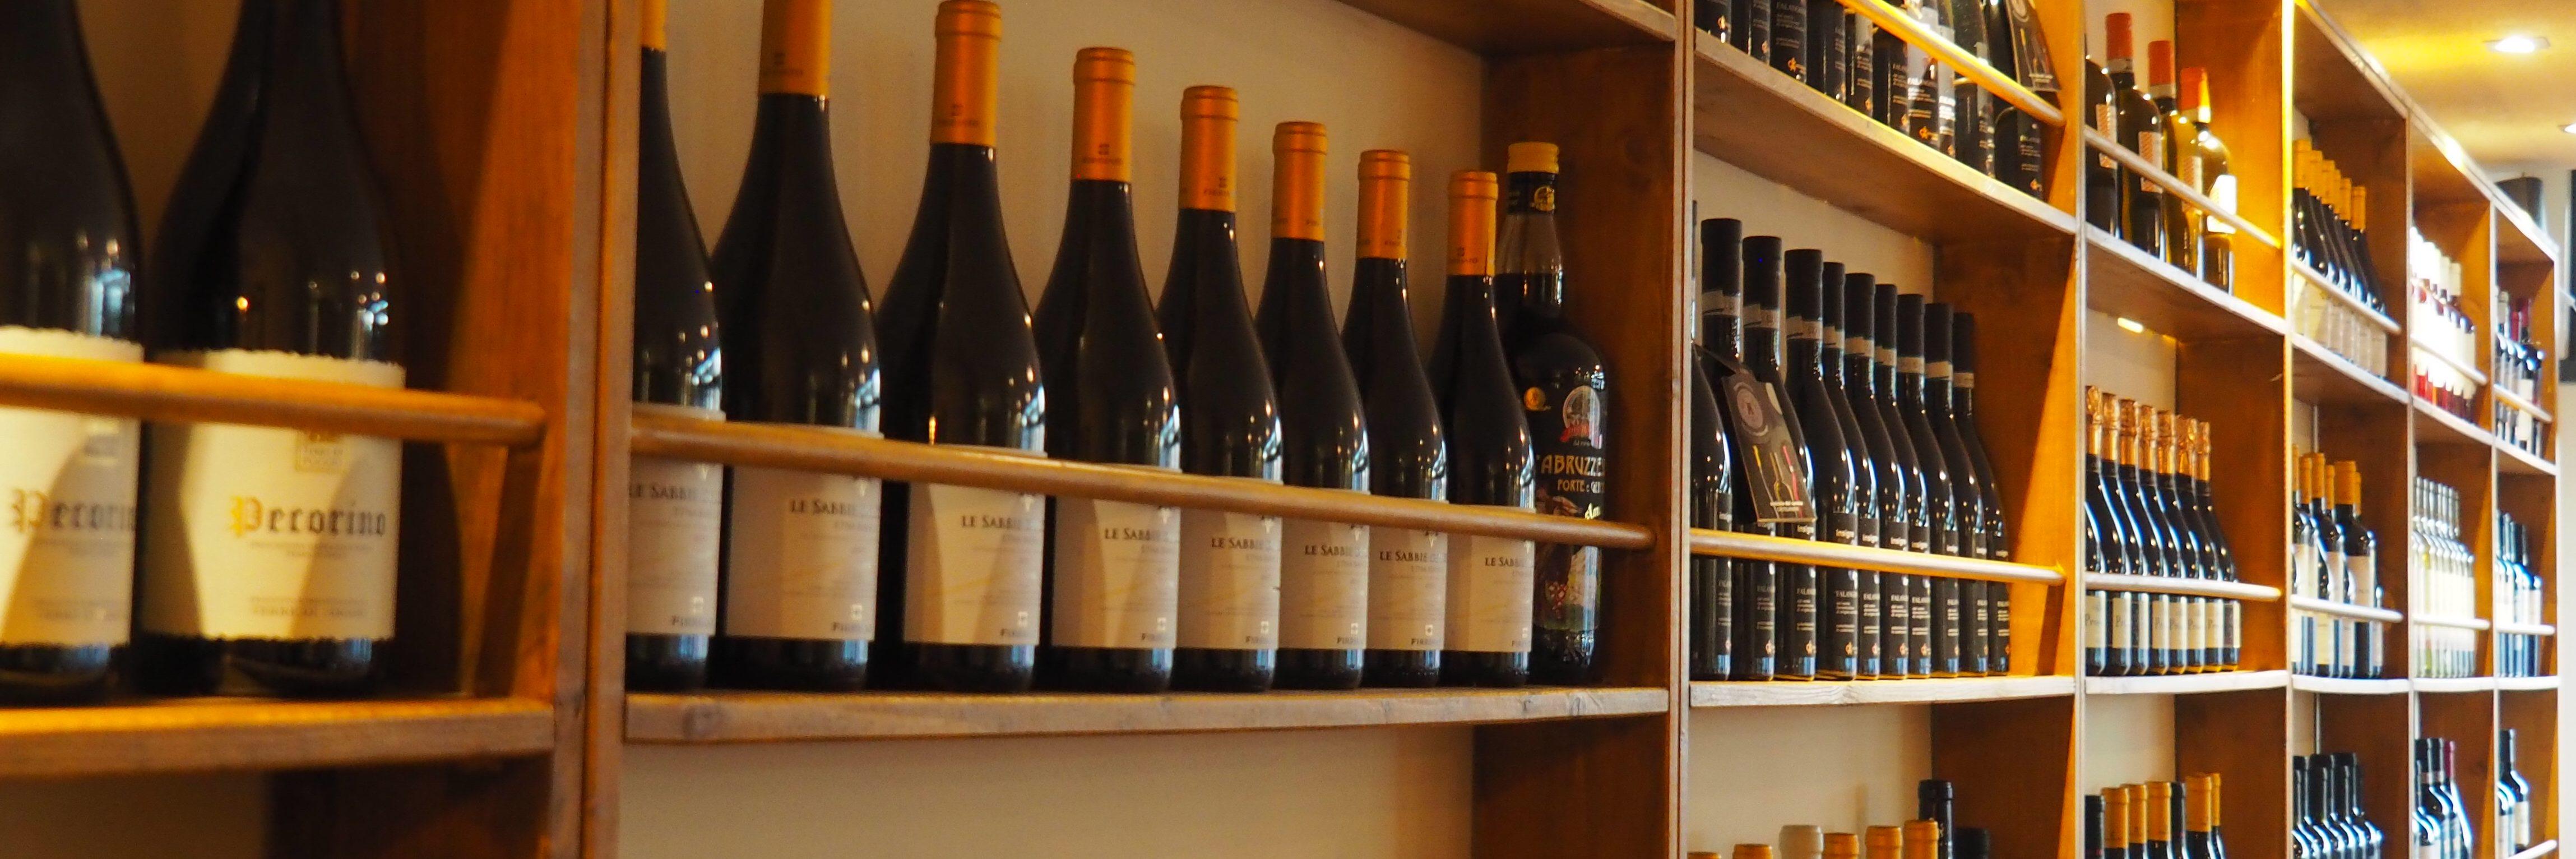 … guter Wein.